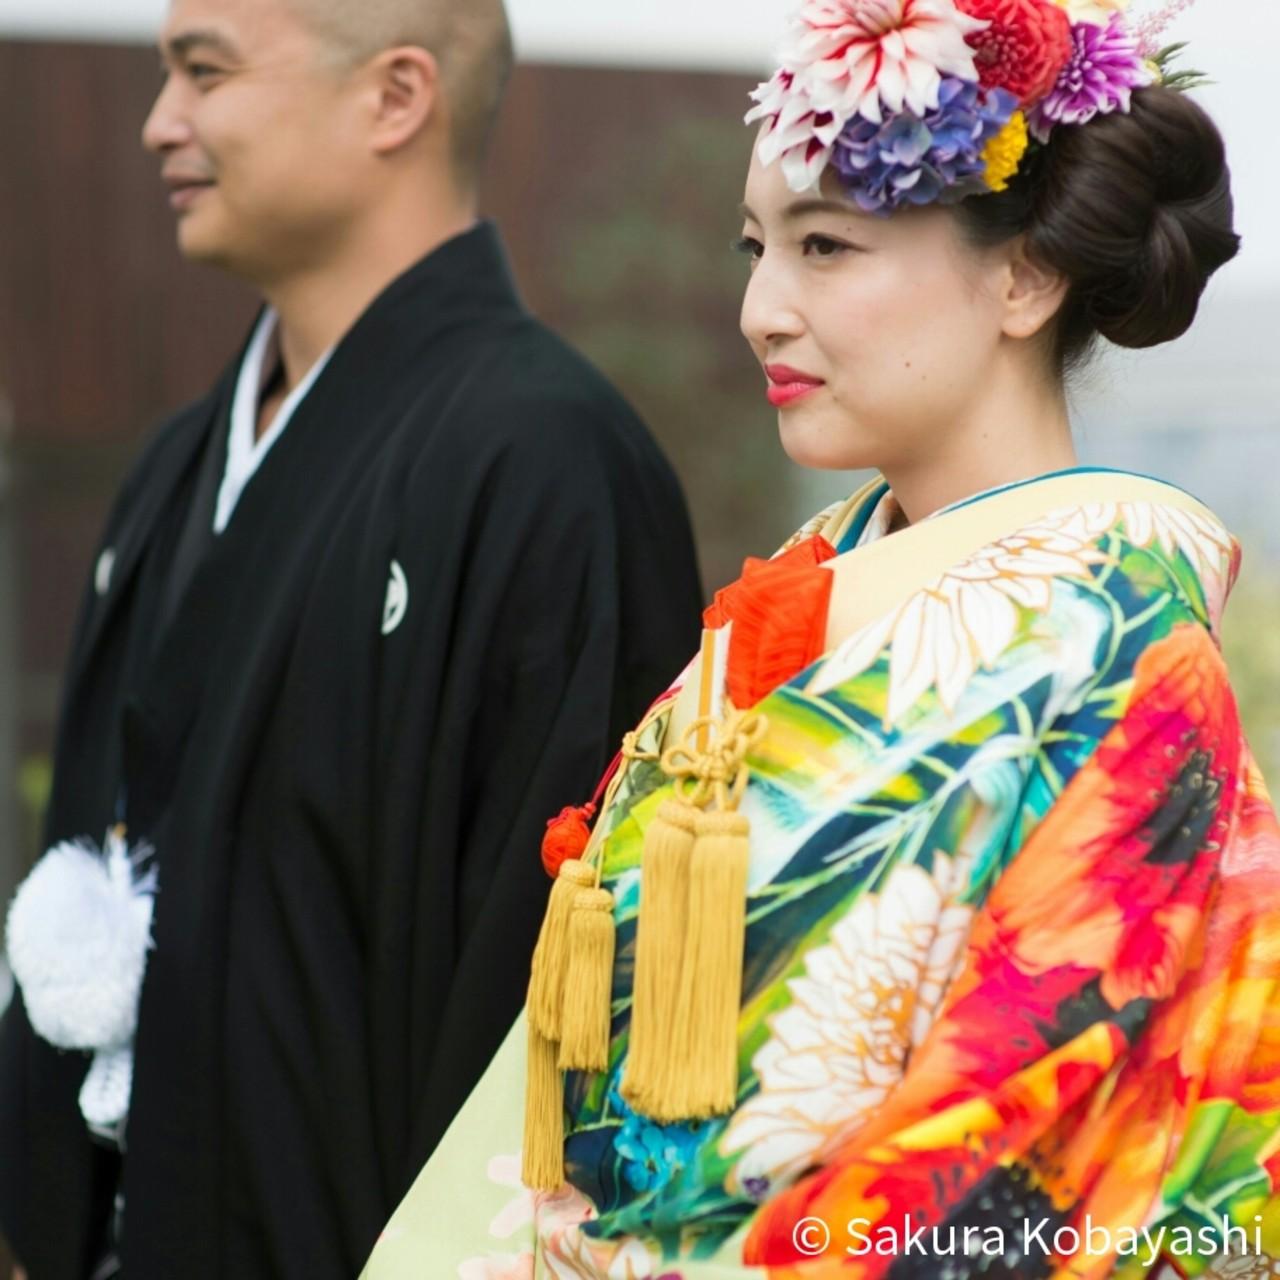 ヘアアレンジ 和装 セミロング モード ヘアスタイルや髪型の写真・画像 | Sakura Kobayashi / SABO hair salon